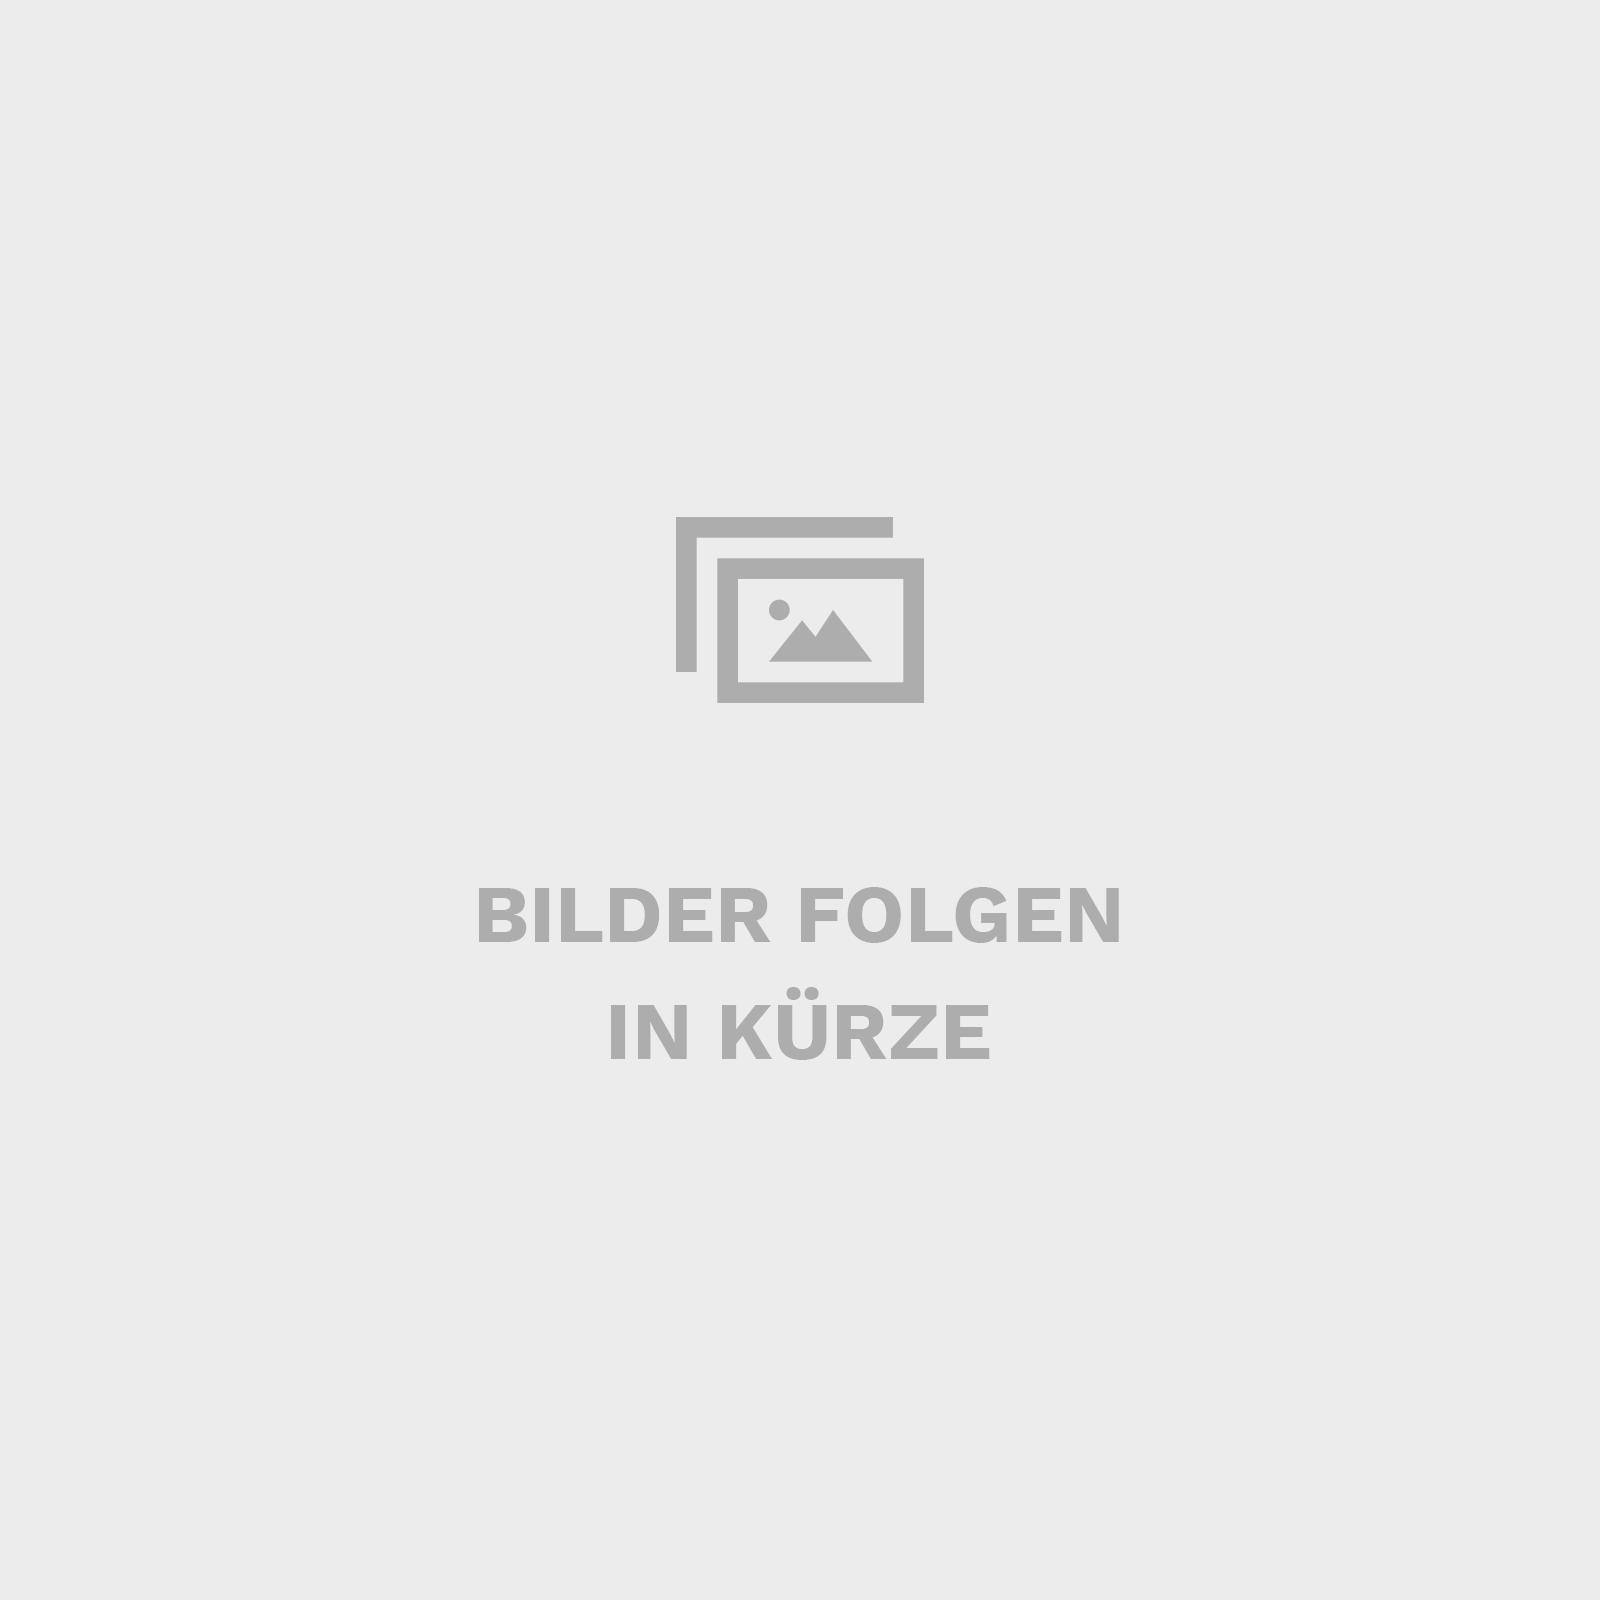 teppich poodle 1400 von object carpet f r 82 94. Black Bedroom Furniture Sets. Home Design Ideas